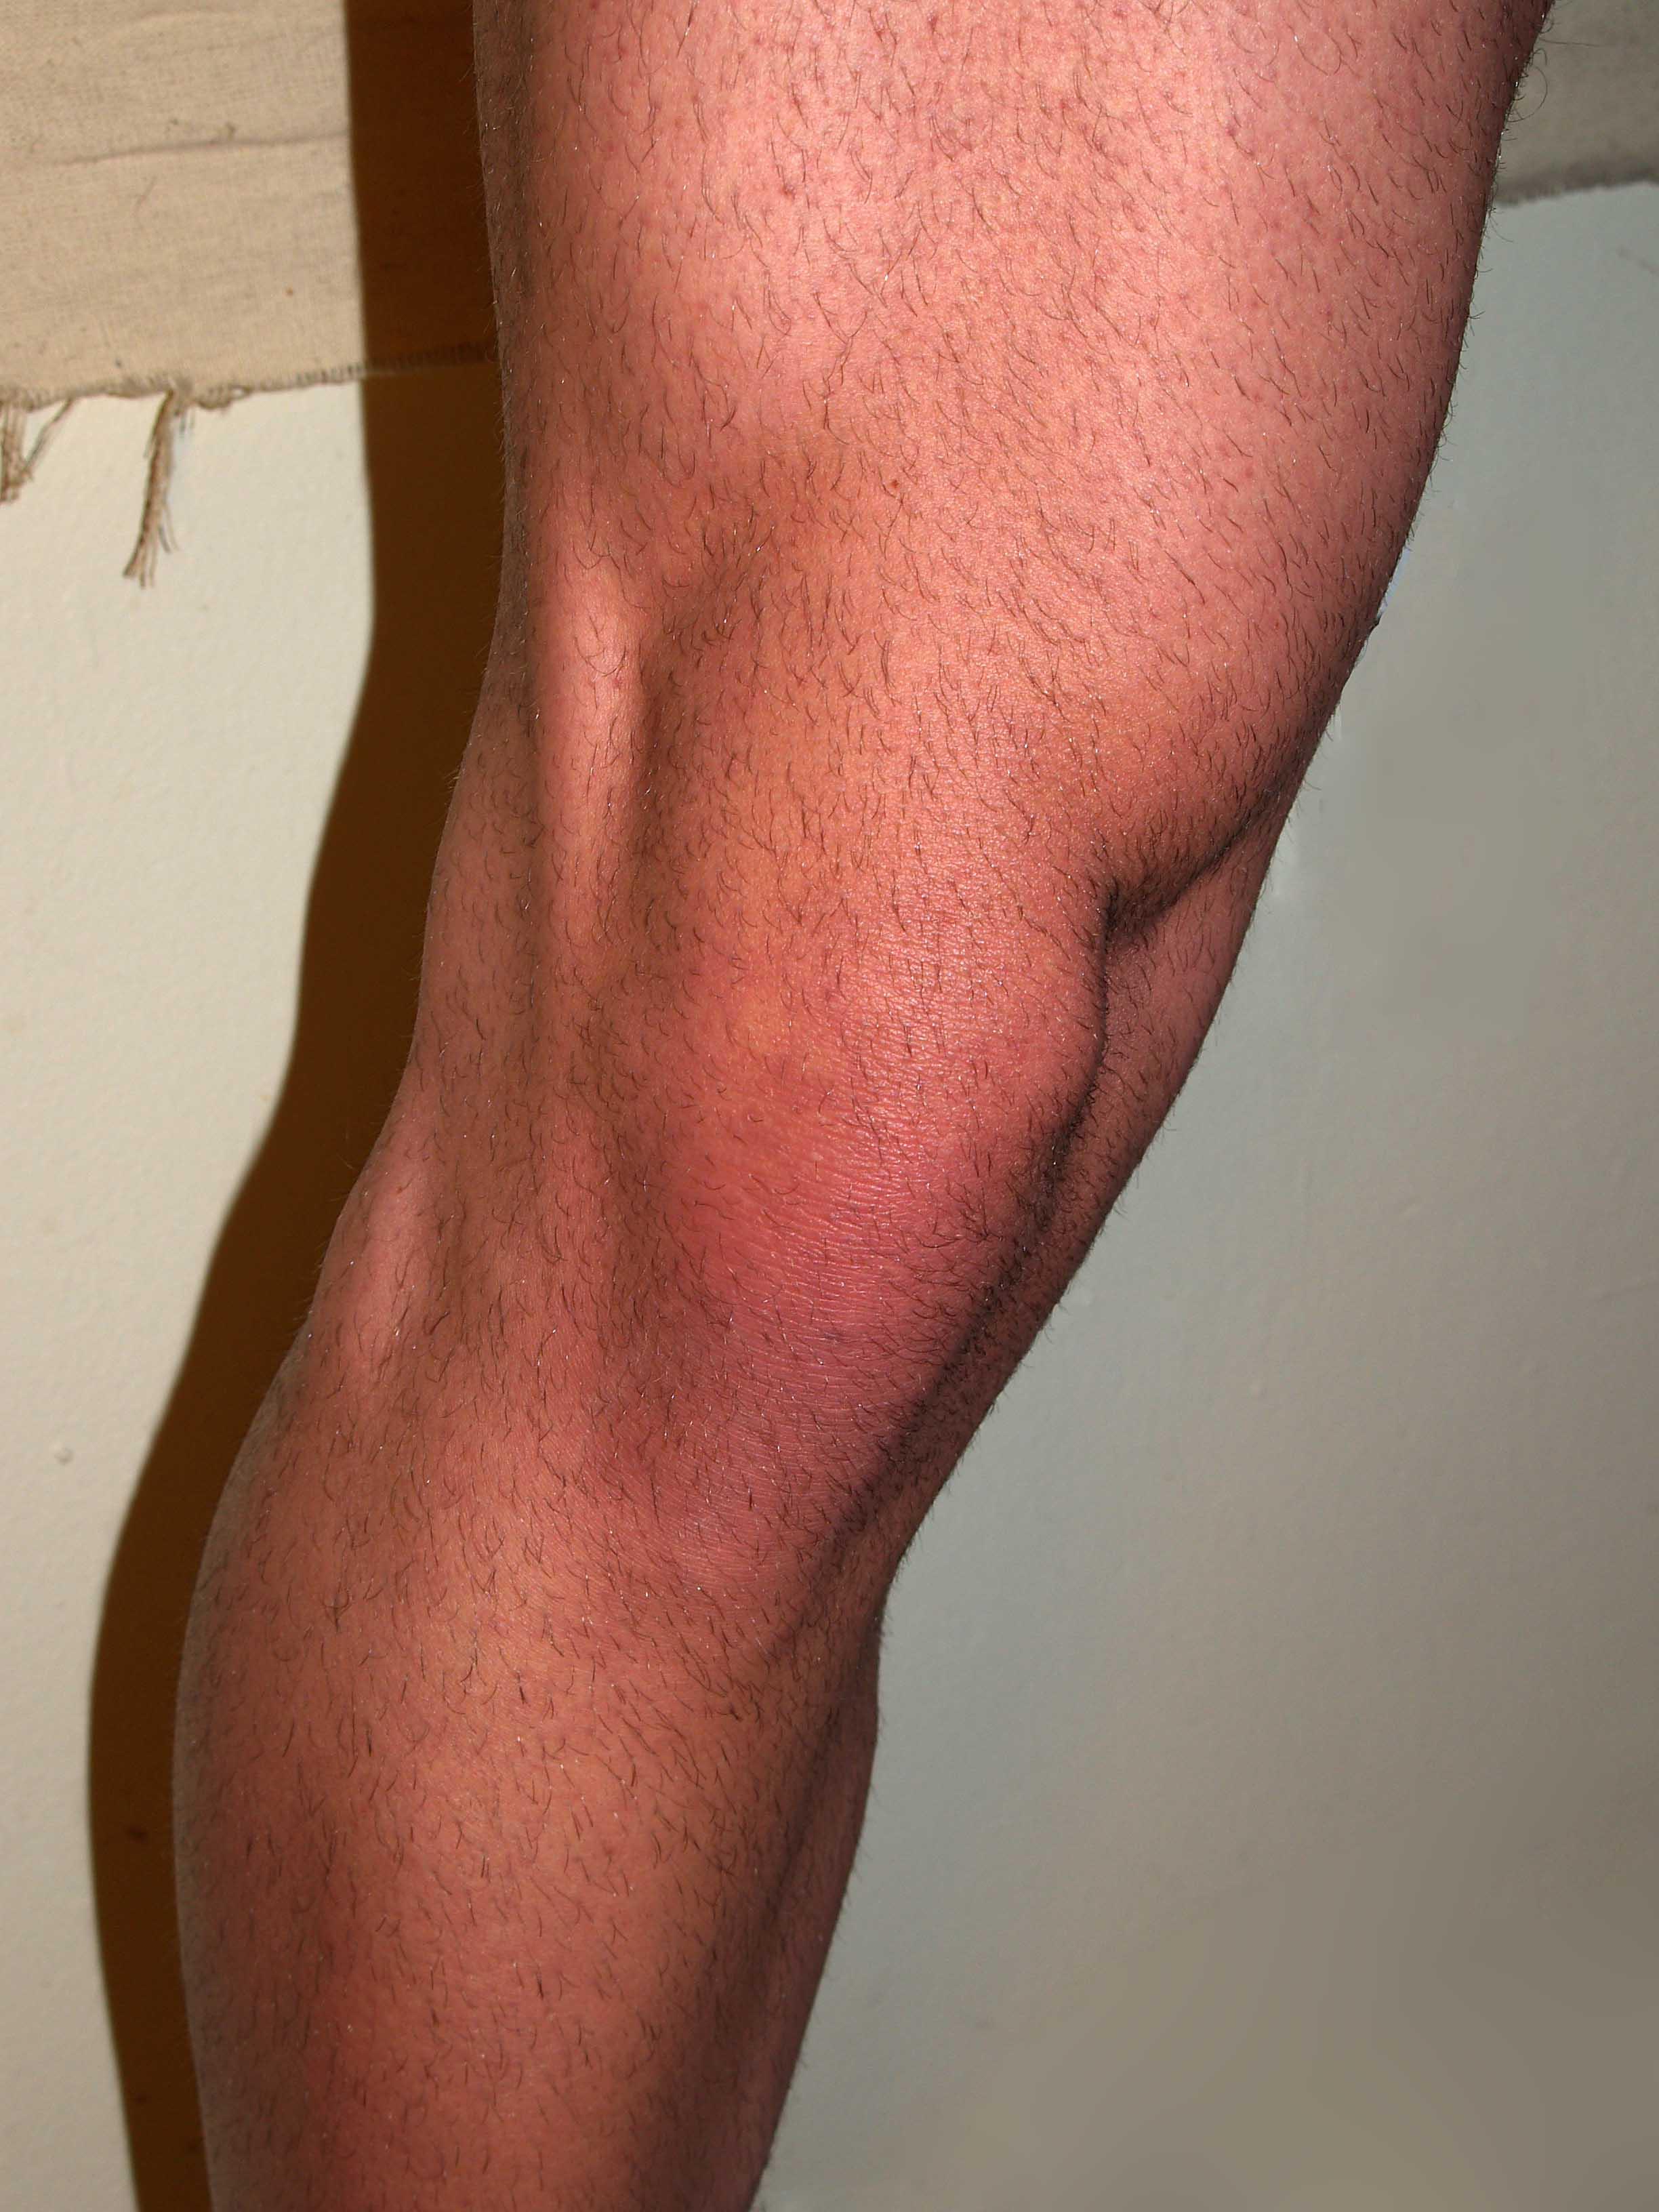 Ejercicios de rehabilitación de rodilla, muslo e isquiotibiales